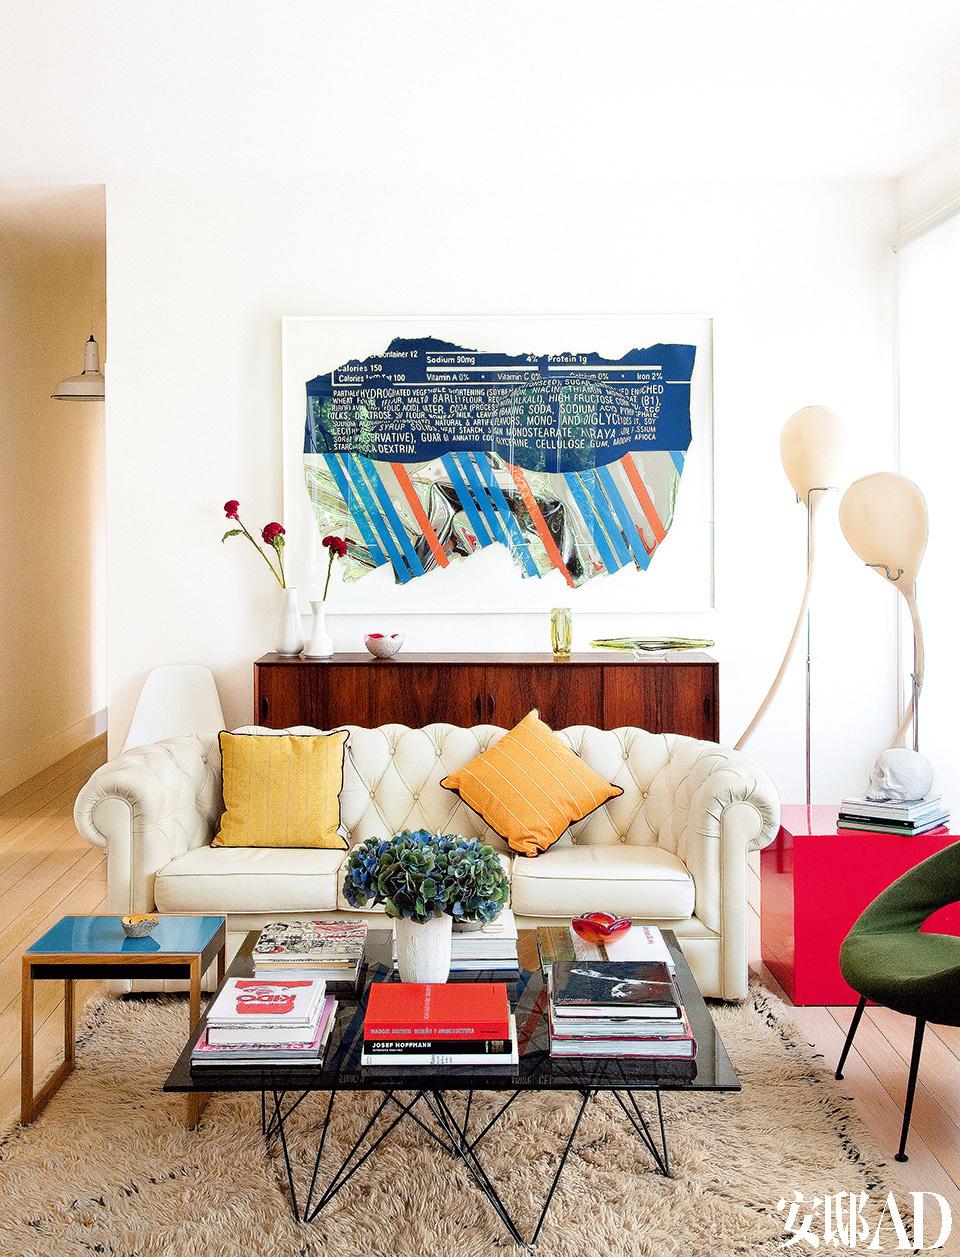 客厅中,Ester Partegàs的画作Polylumpious Tetraflacidontics(2004)购买于Helga De Alvear画廊。白色的Chester古典沙发和Habitat的Stella椅围出了客座区域,蓝色小茶几来自Vitra,Bereber地毯来自 Siesta Y Manta。